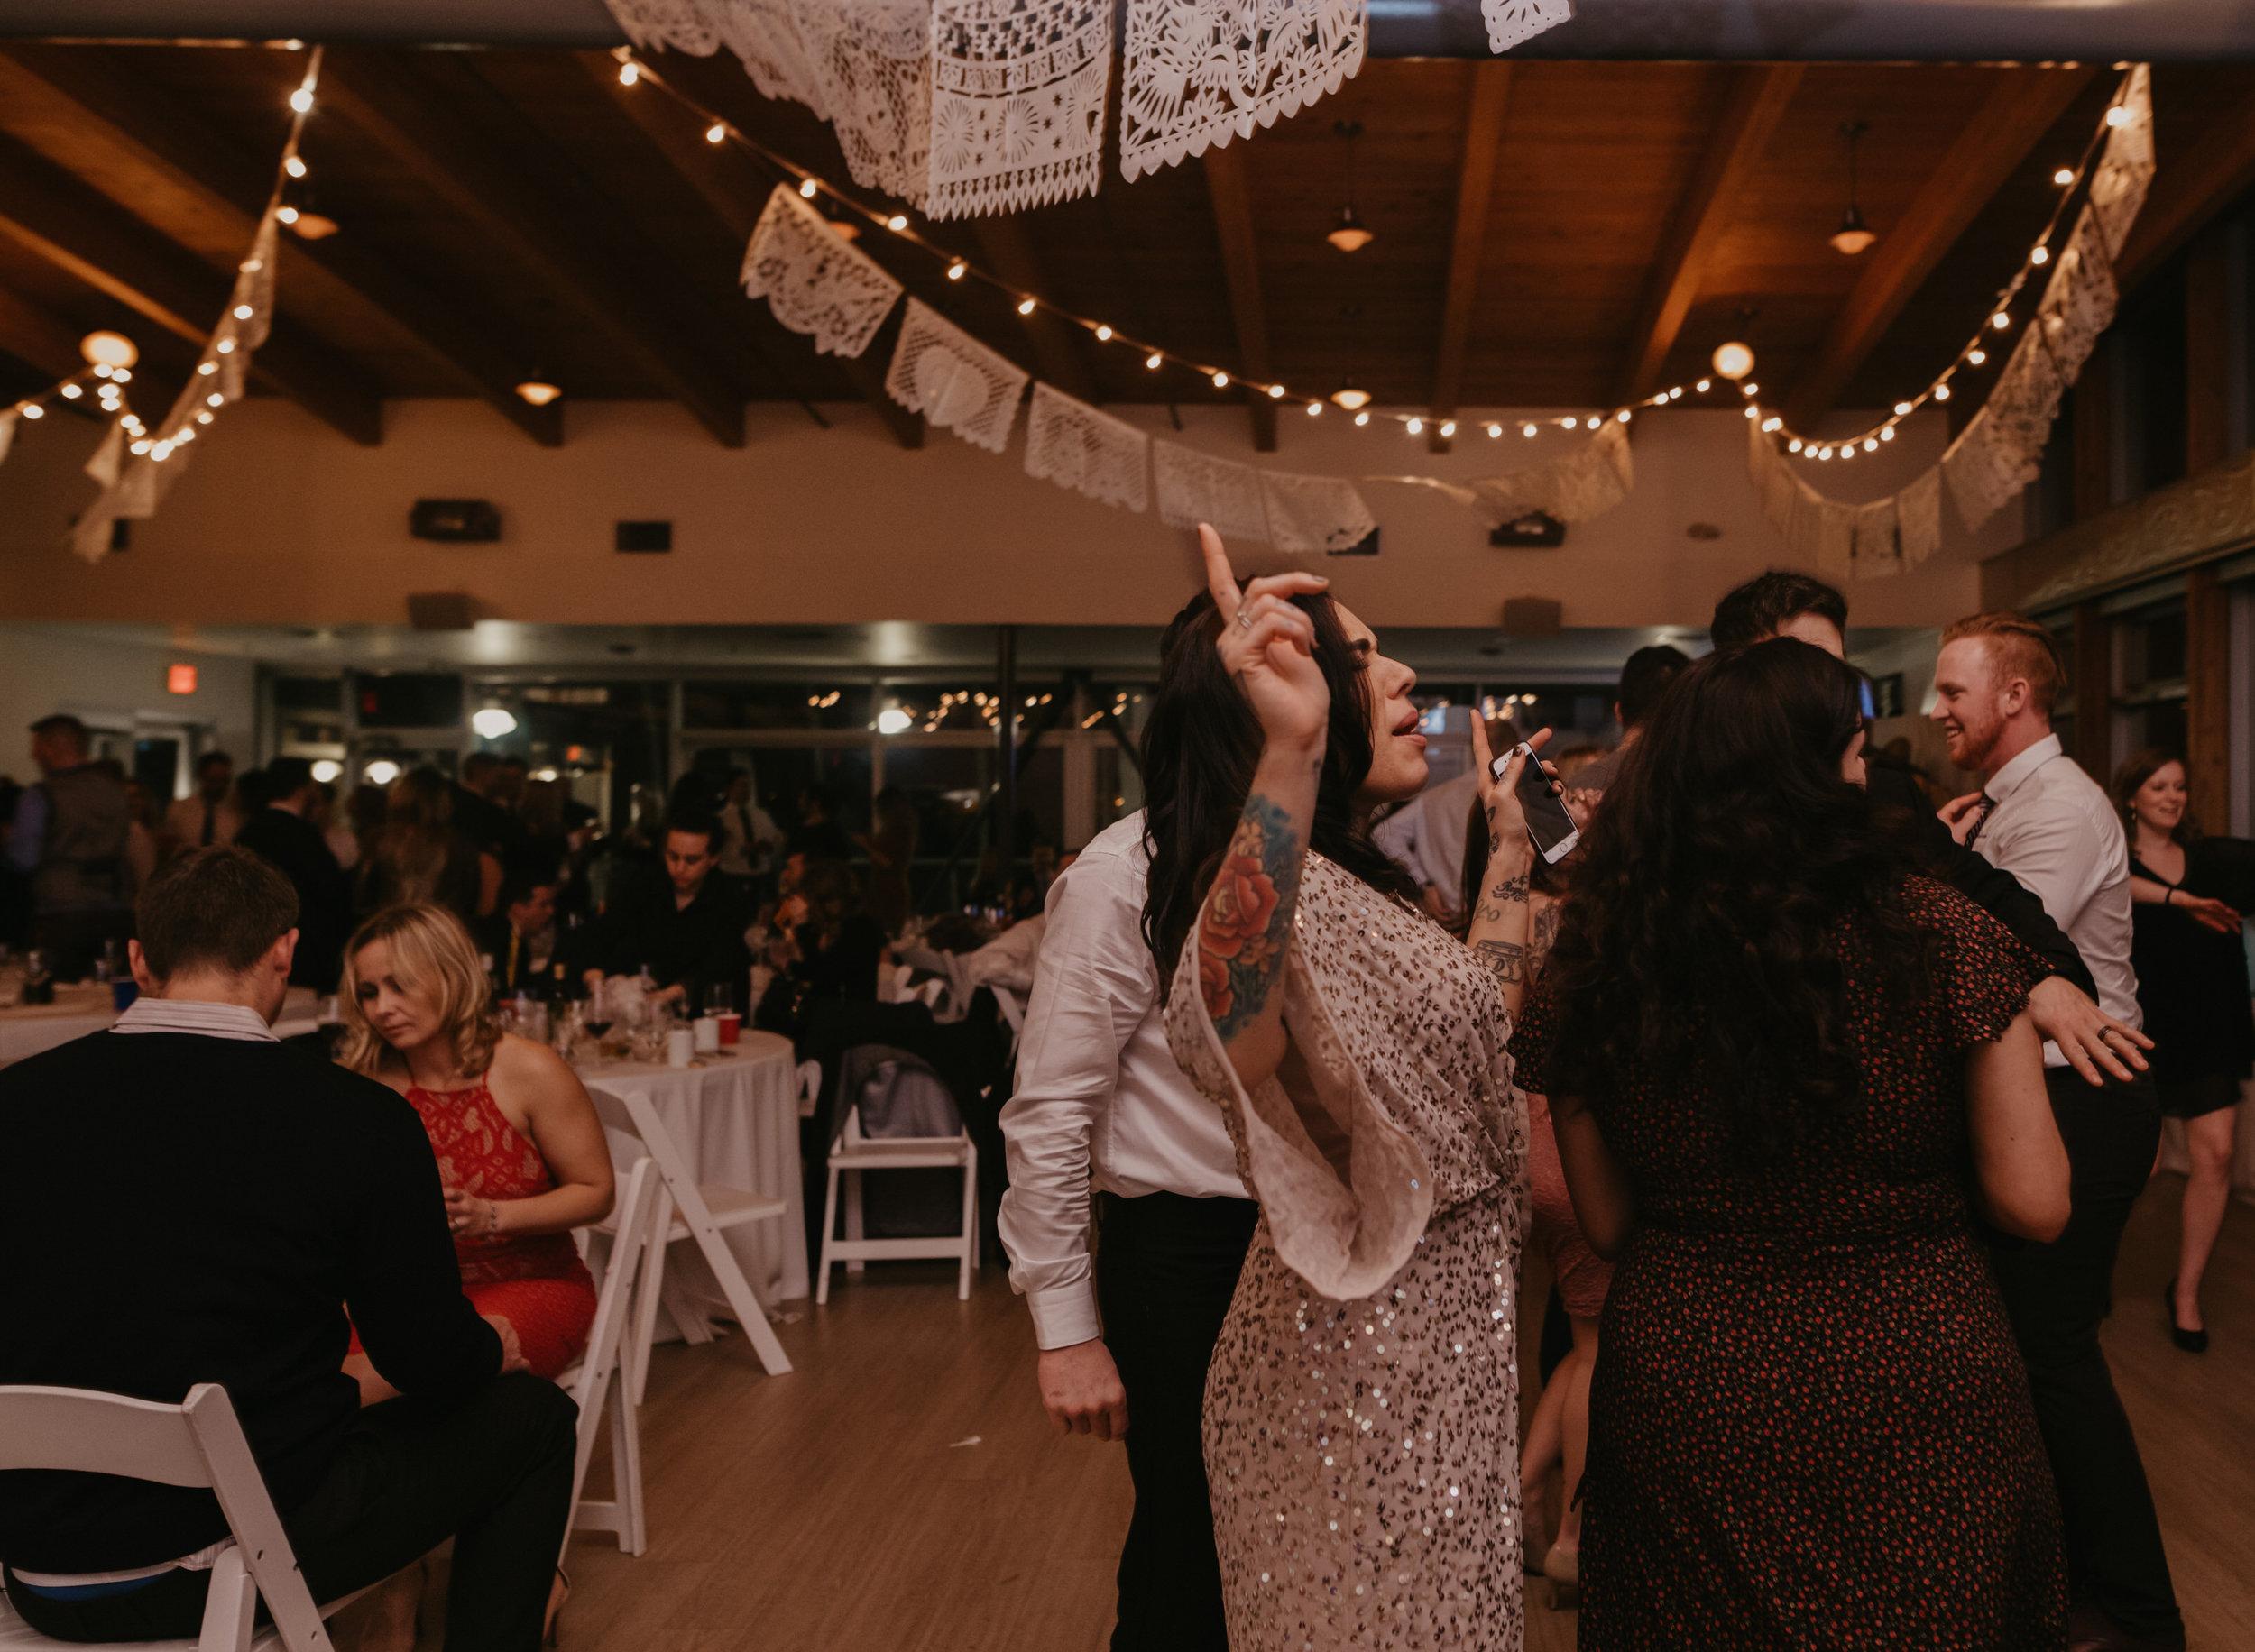 Vancouver New Years Eve Wedding - UBC Boathouse Wedding - Kitsilano Wedding Photos - Vancouver Wedding Photographer - Vancouver Wedding Videographer - 879.JPG